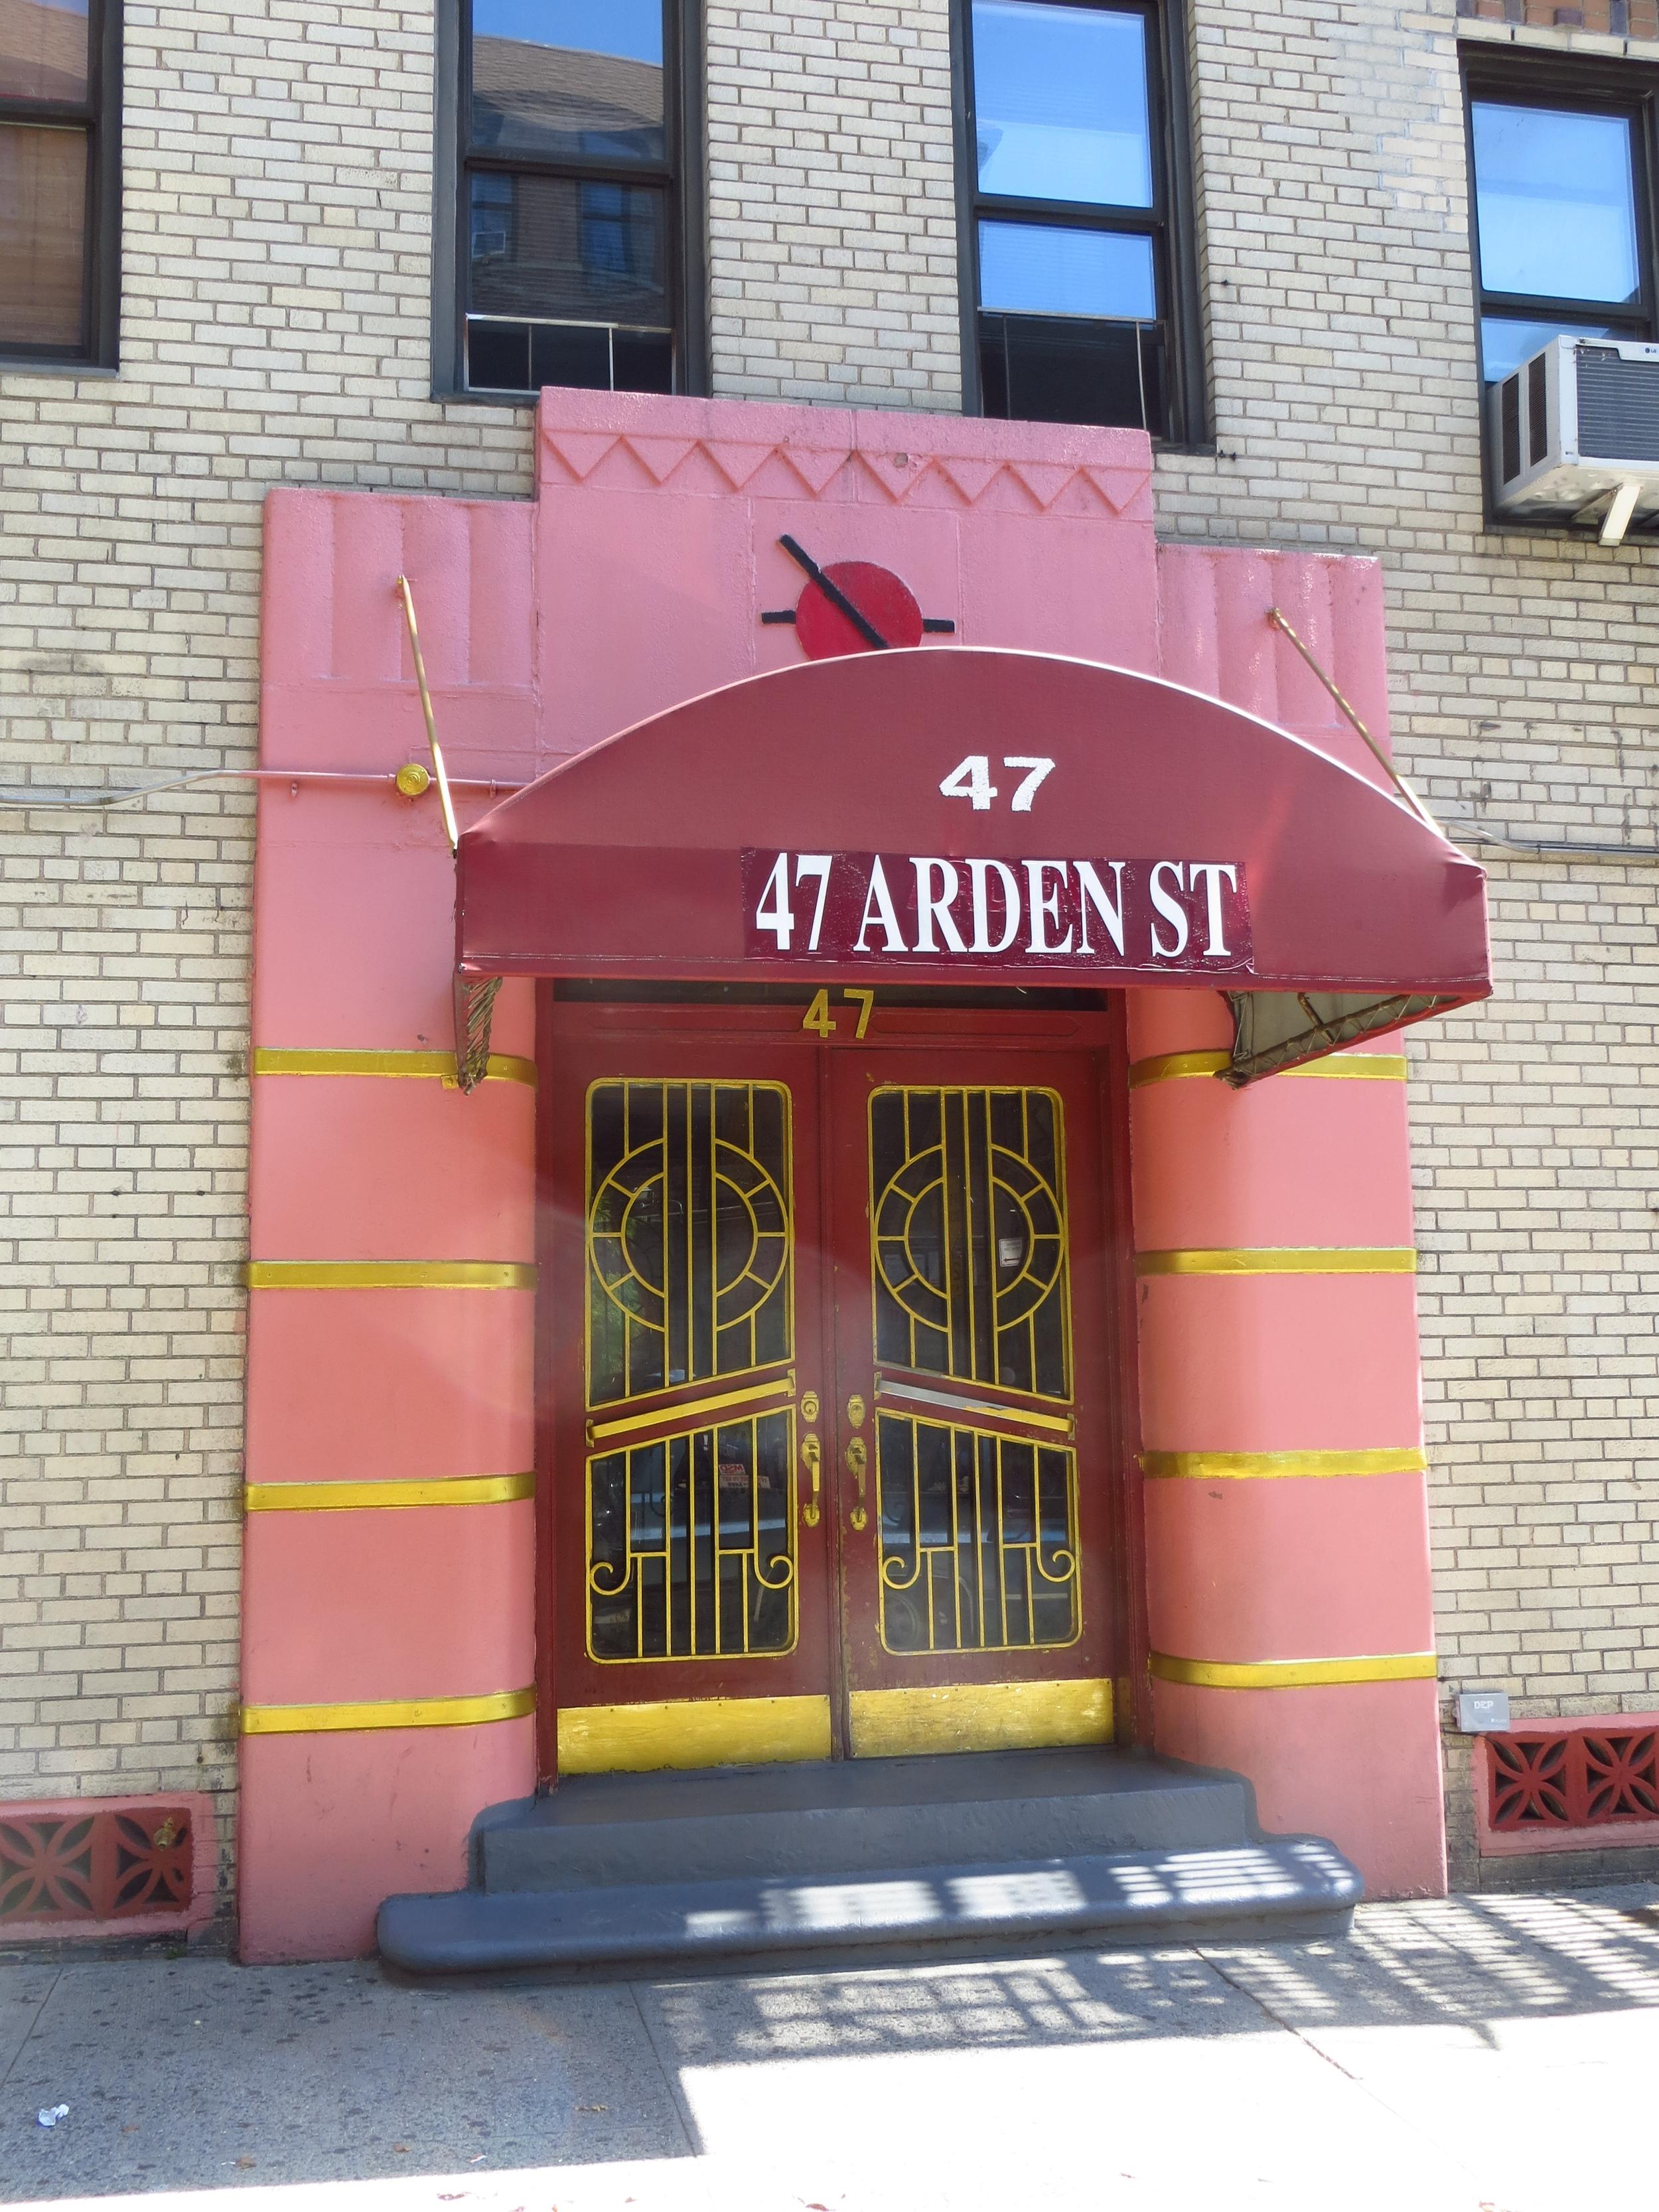 47 Arden St.